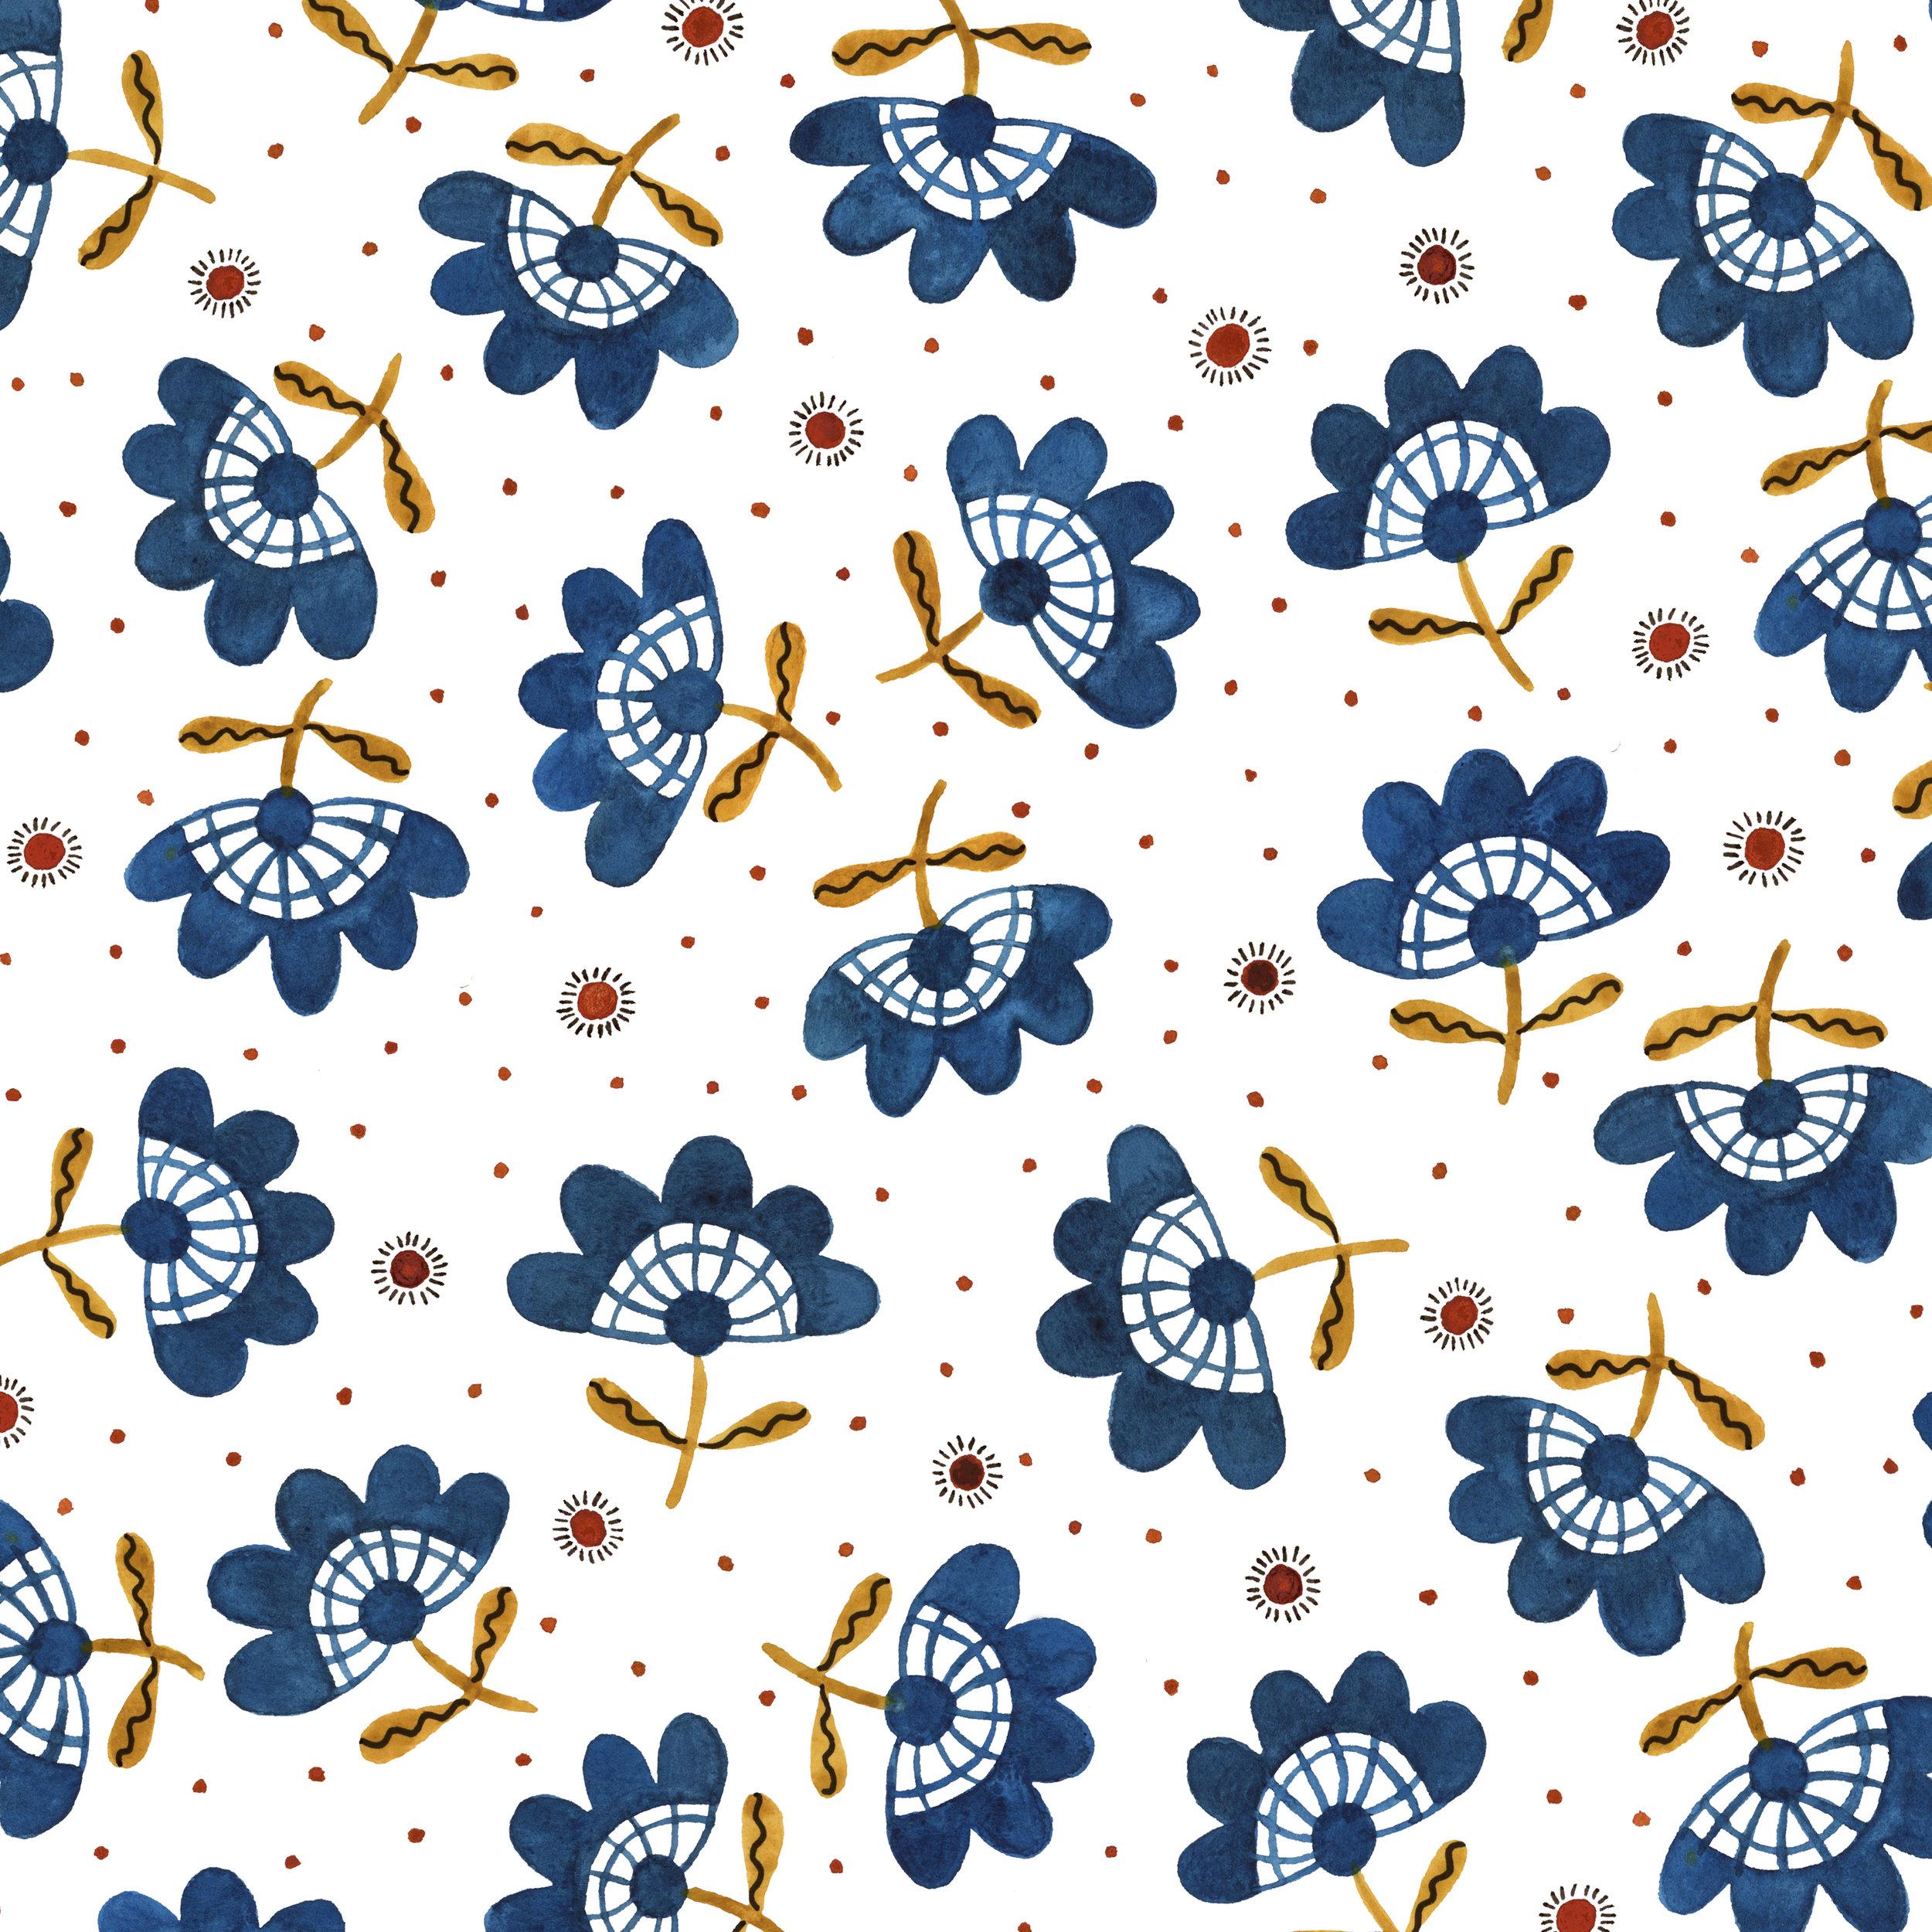 blue_flower_pattern.jpg